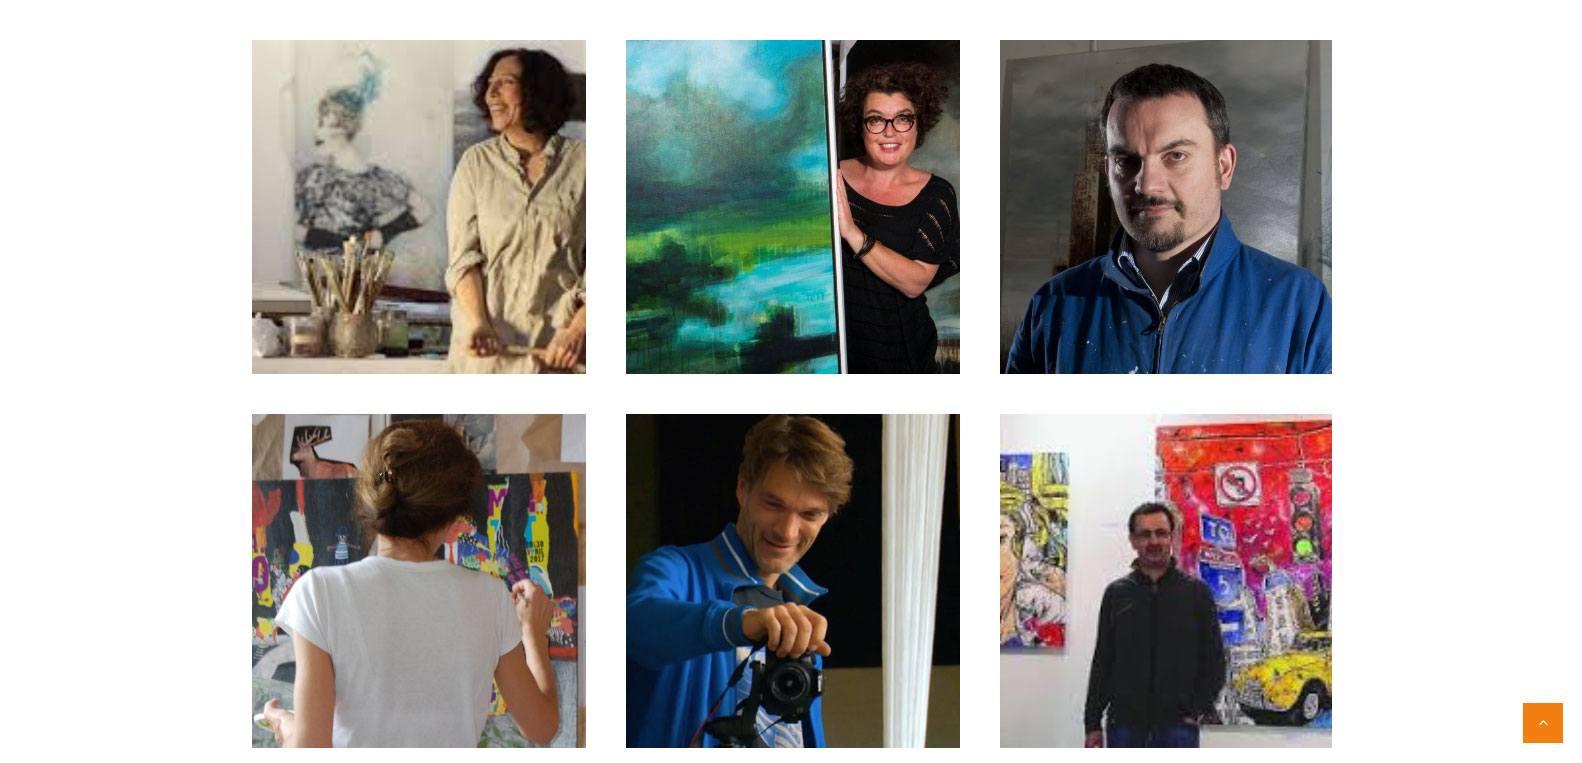 Artistes présents à la galerie courant d'art, client Karedess, agence web situé à proximité de Mulhouse